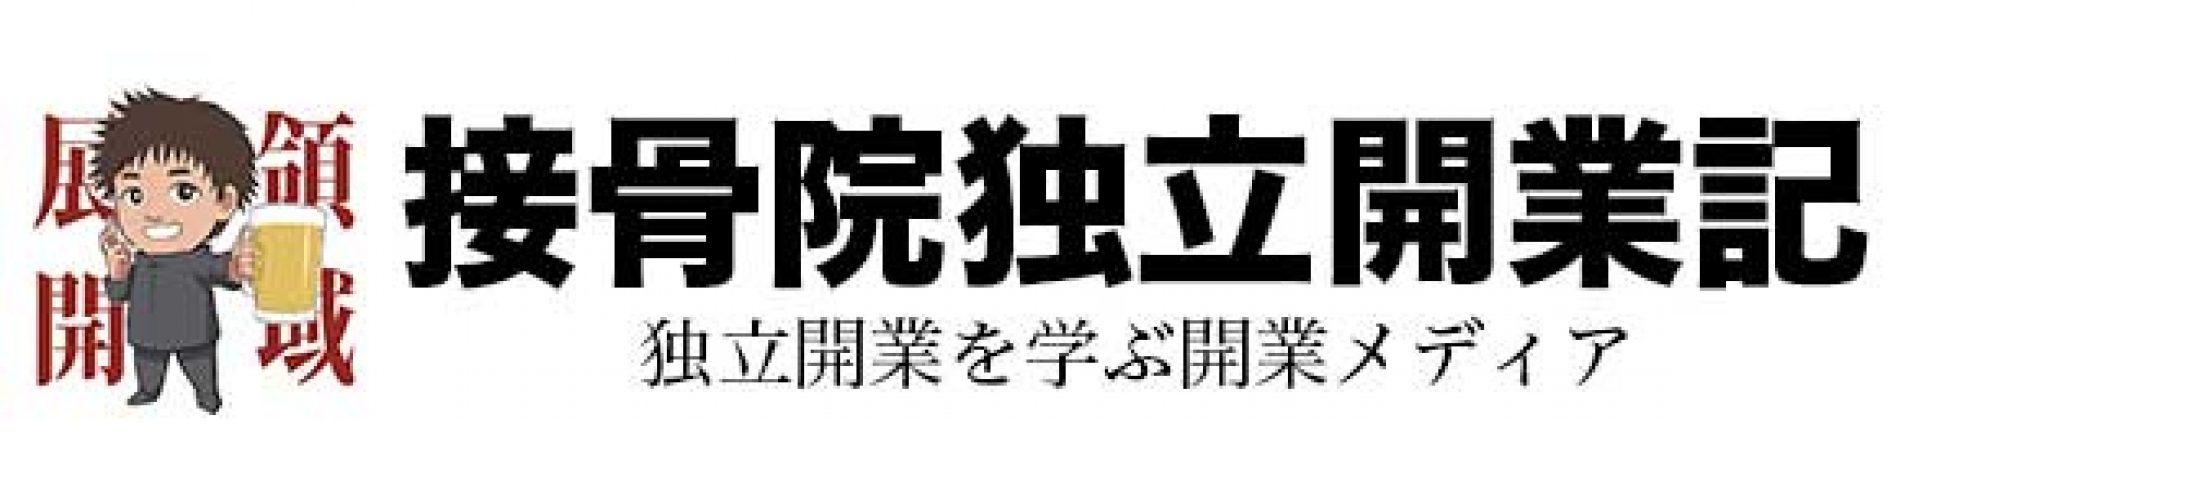 接骨院開業奮闘記